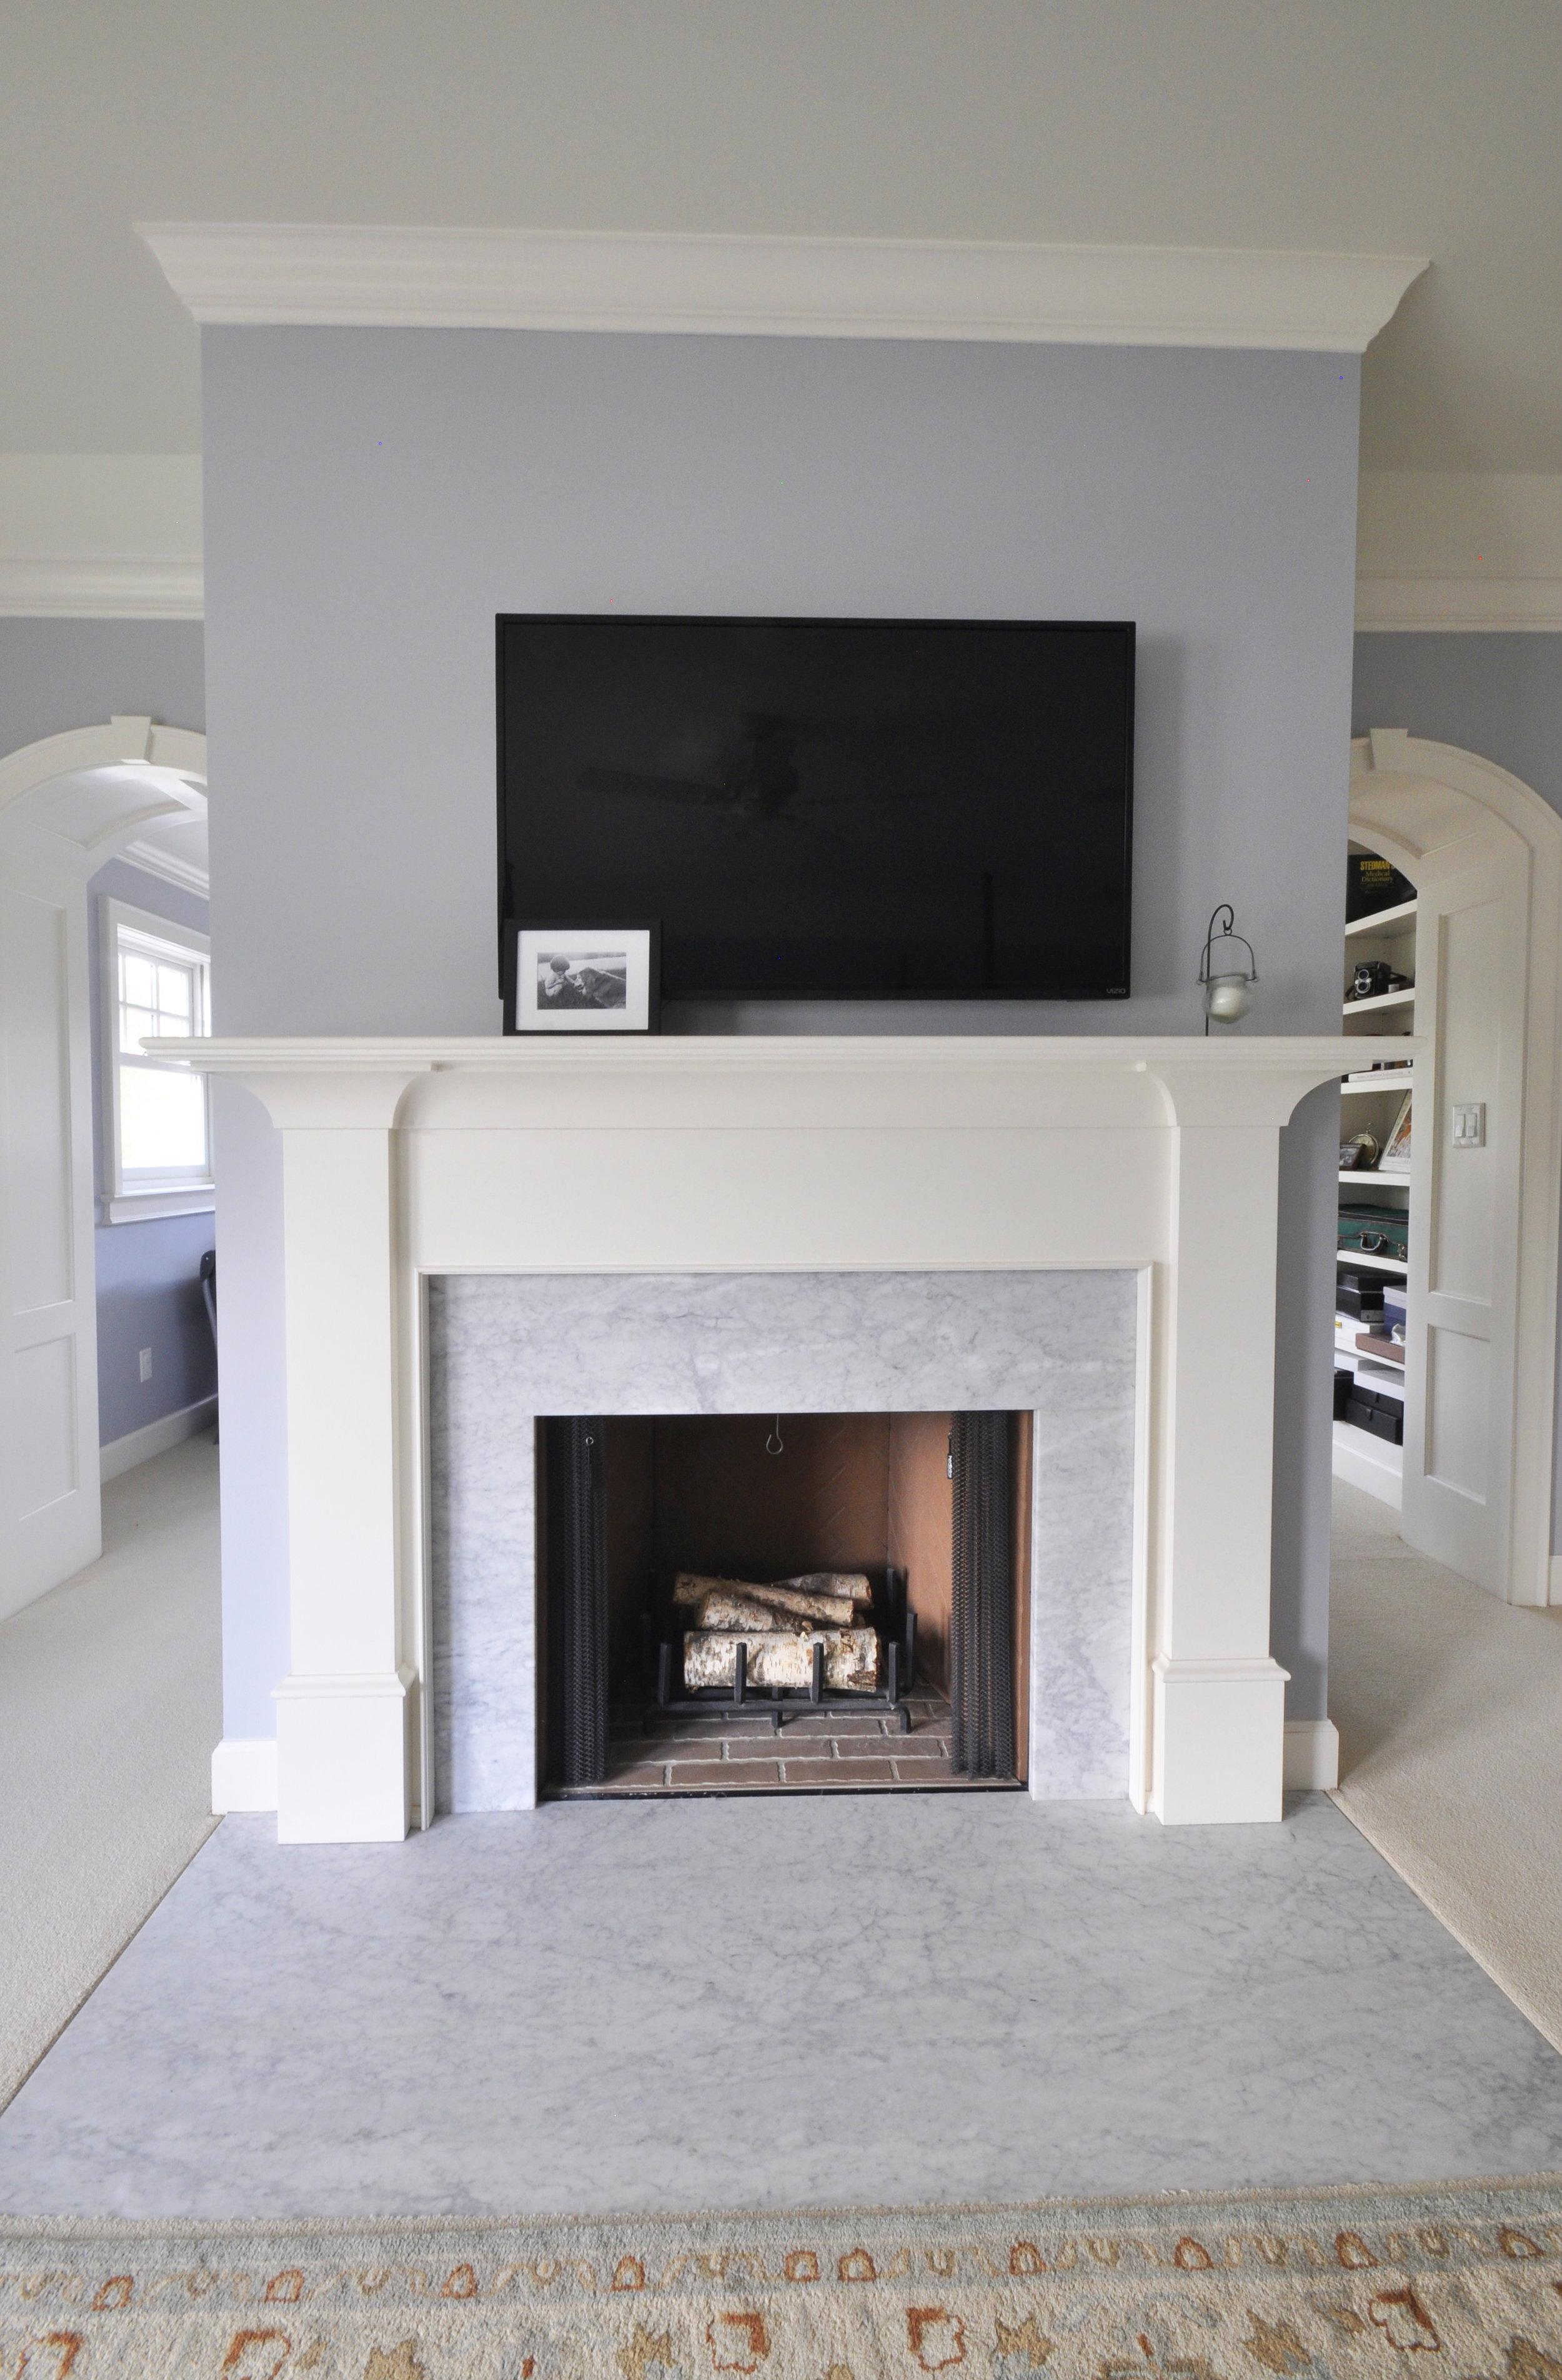 Smith_fireplace.jpg